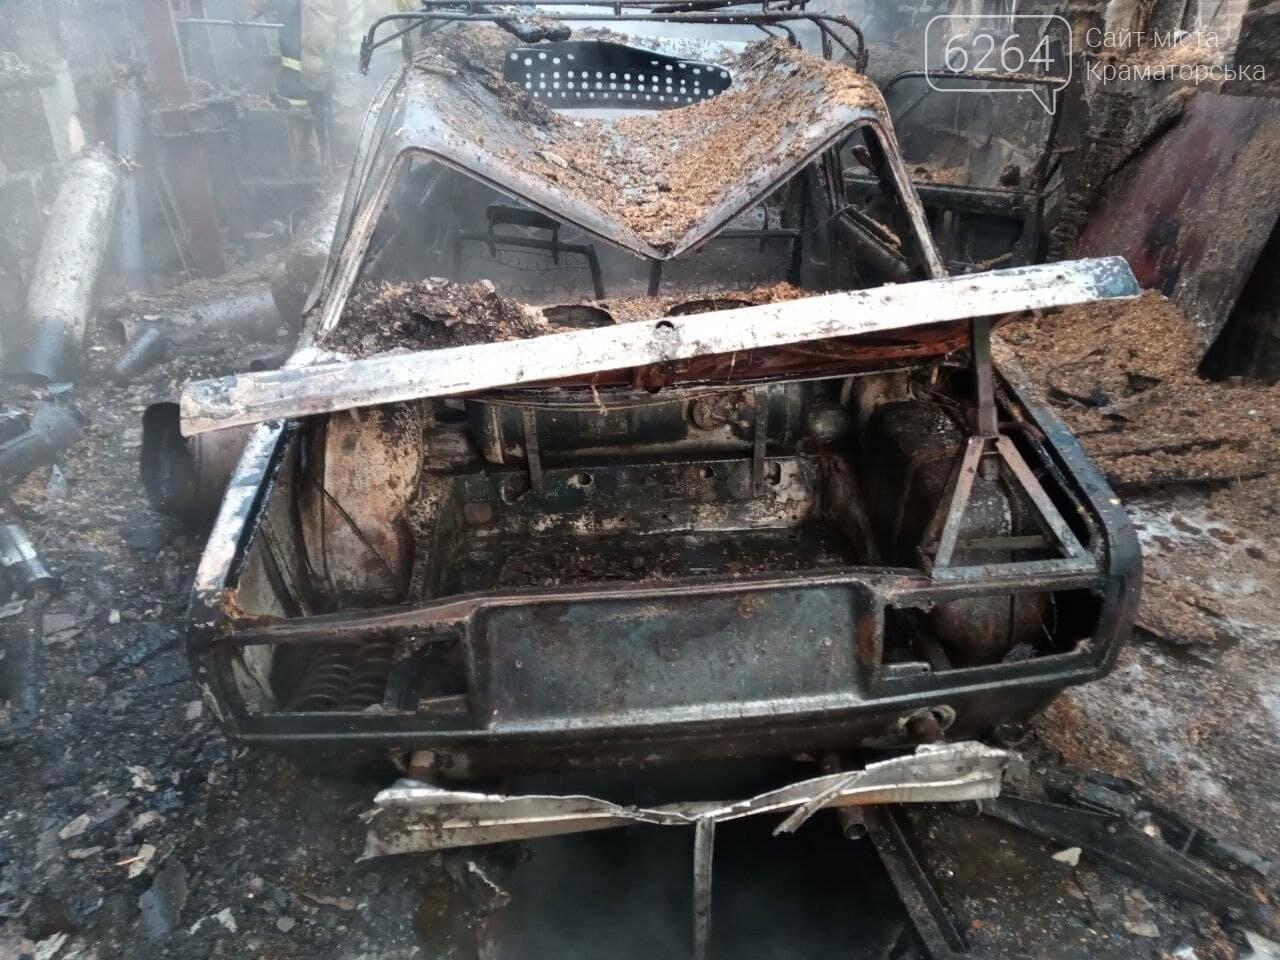 В Краматорске в гараже сгорел автомобиль, фото-1